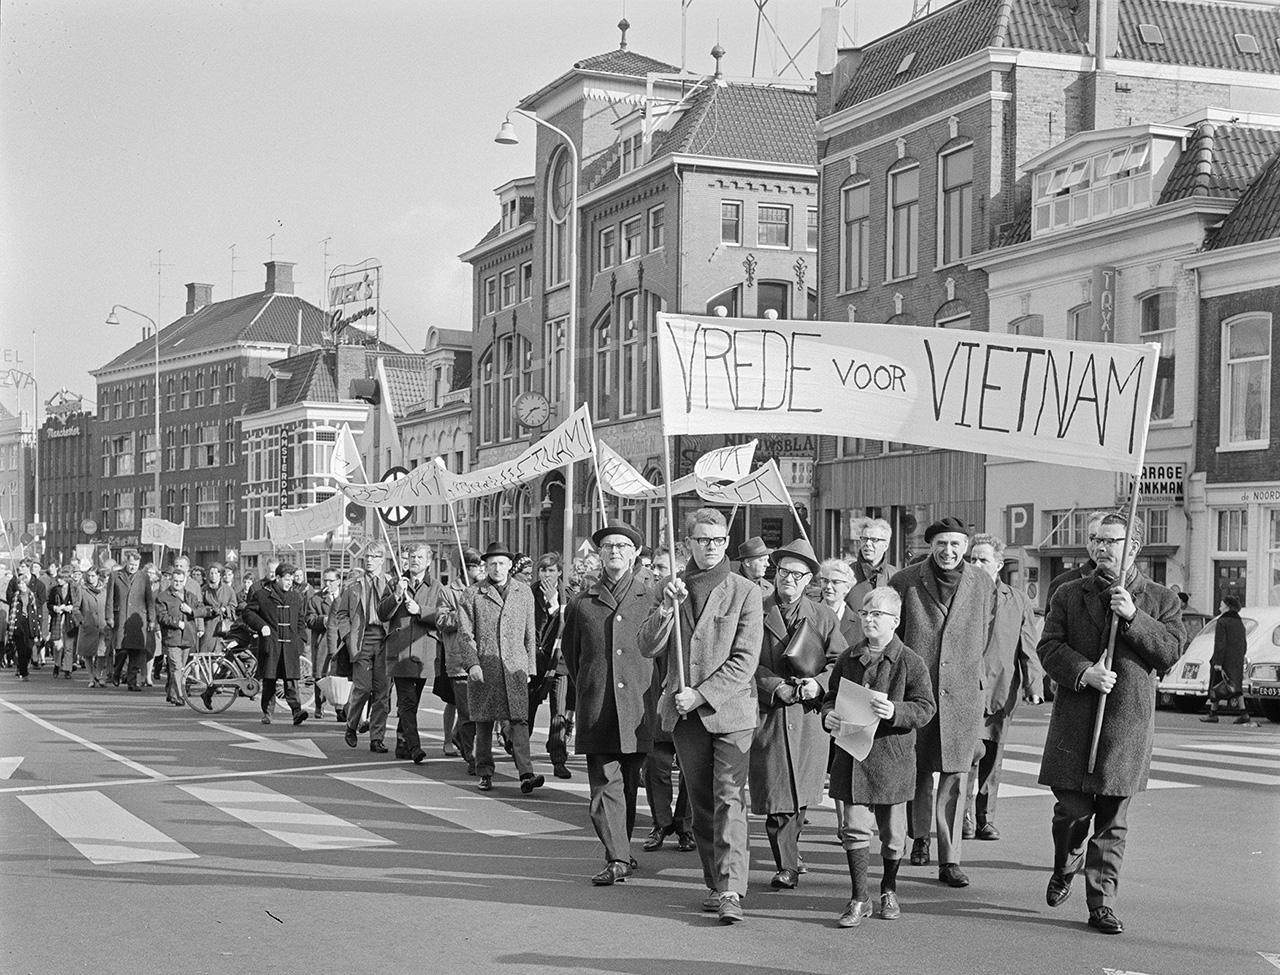 Vietnamdemonstratie